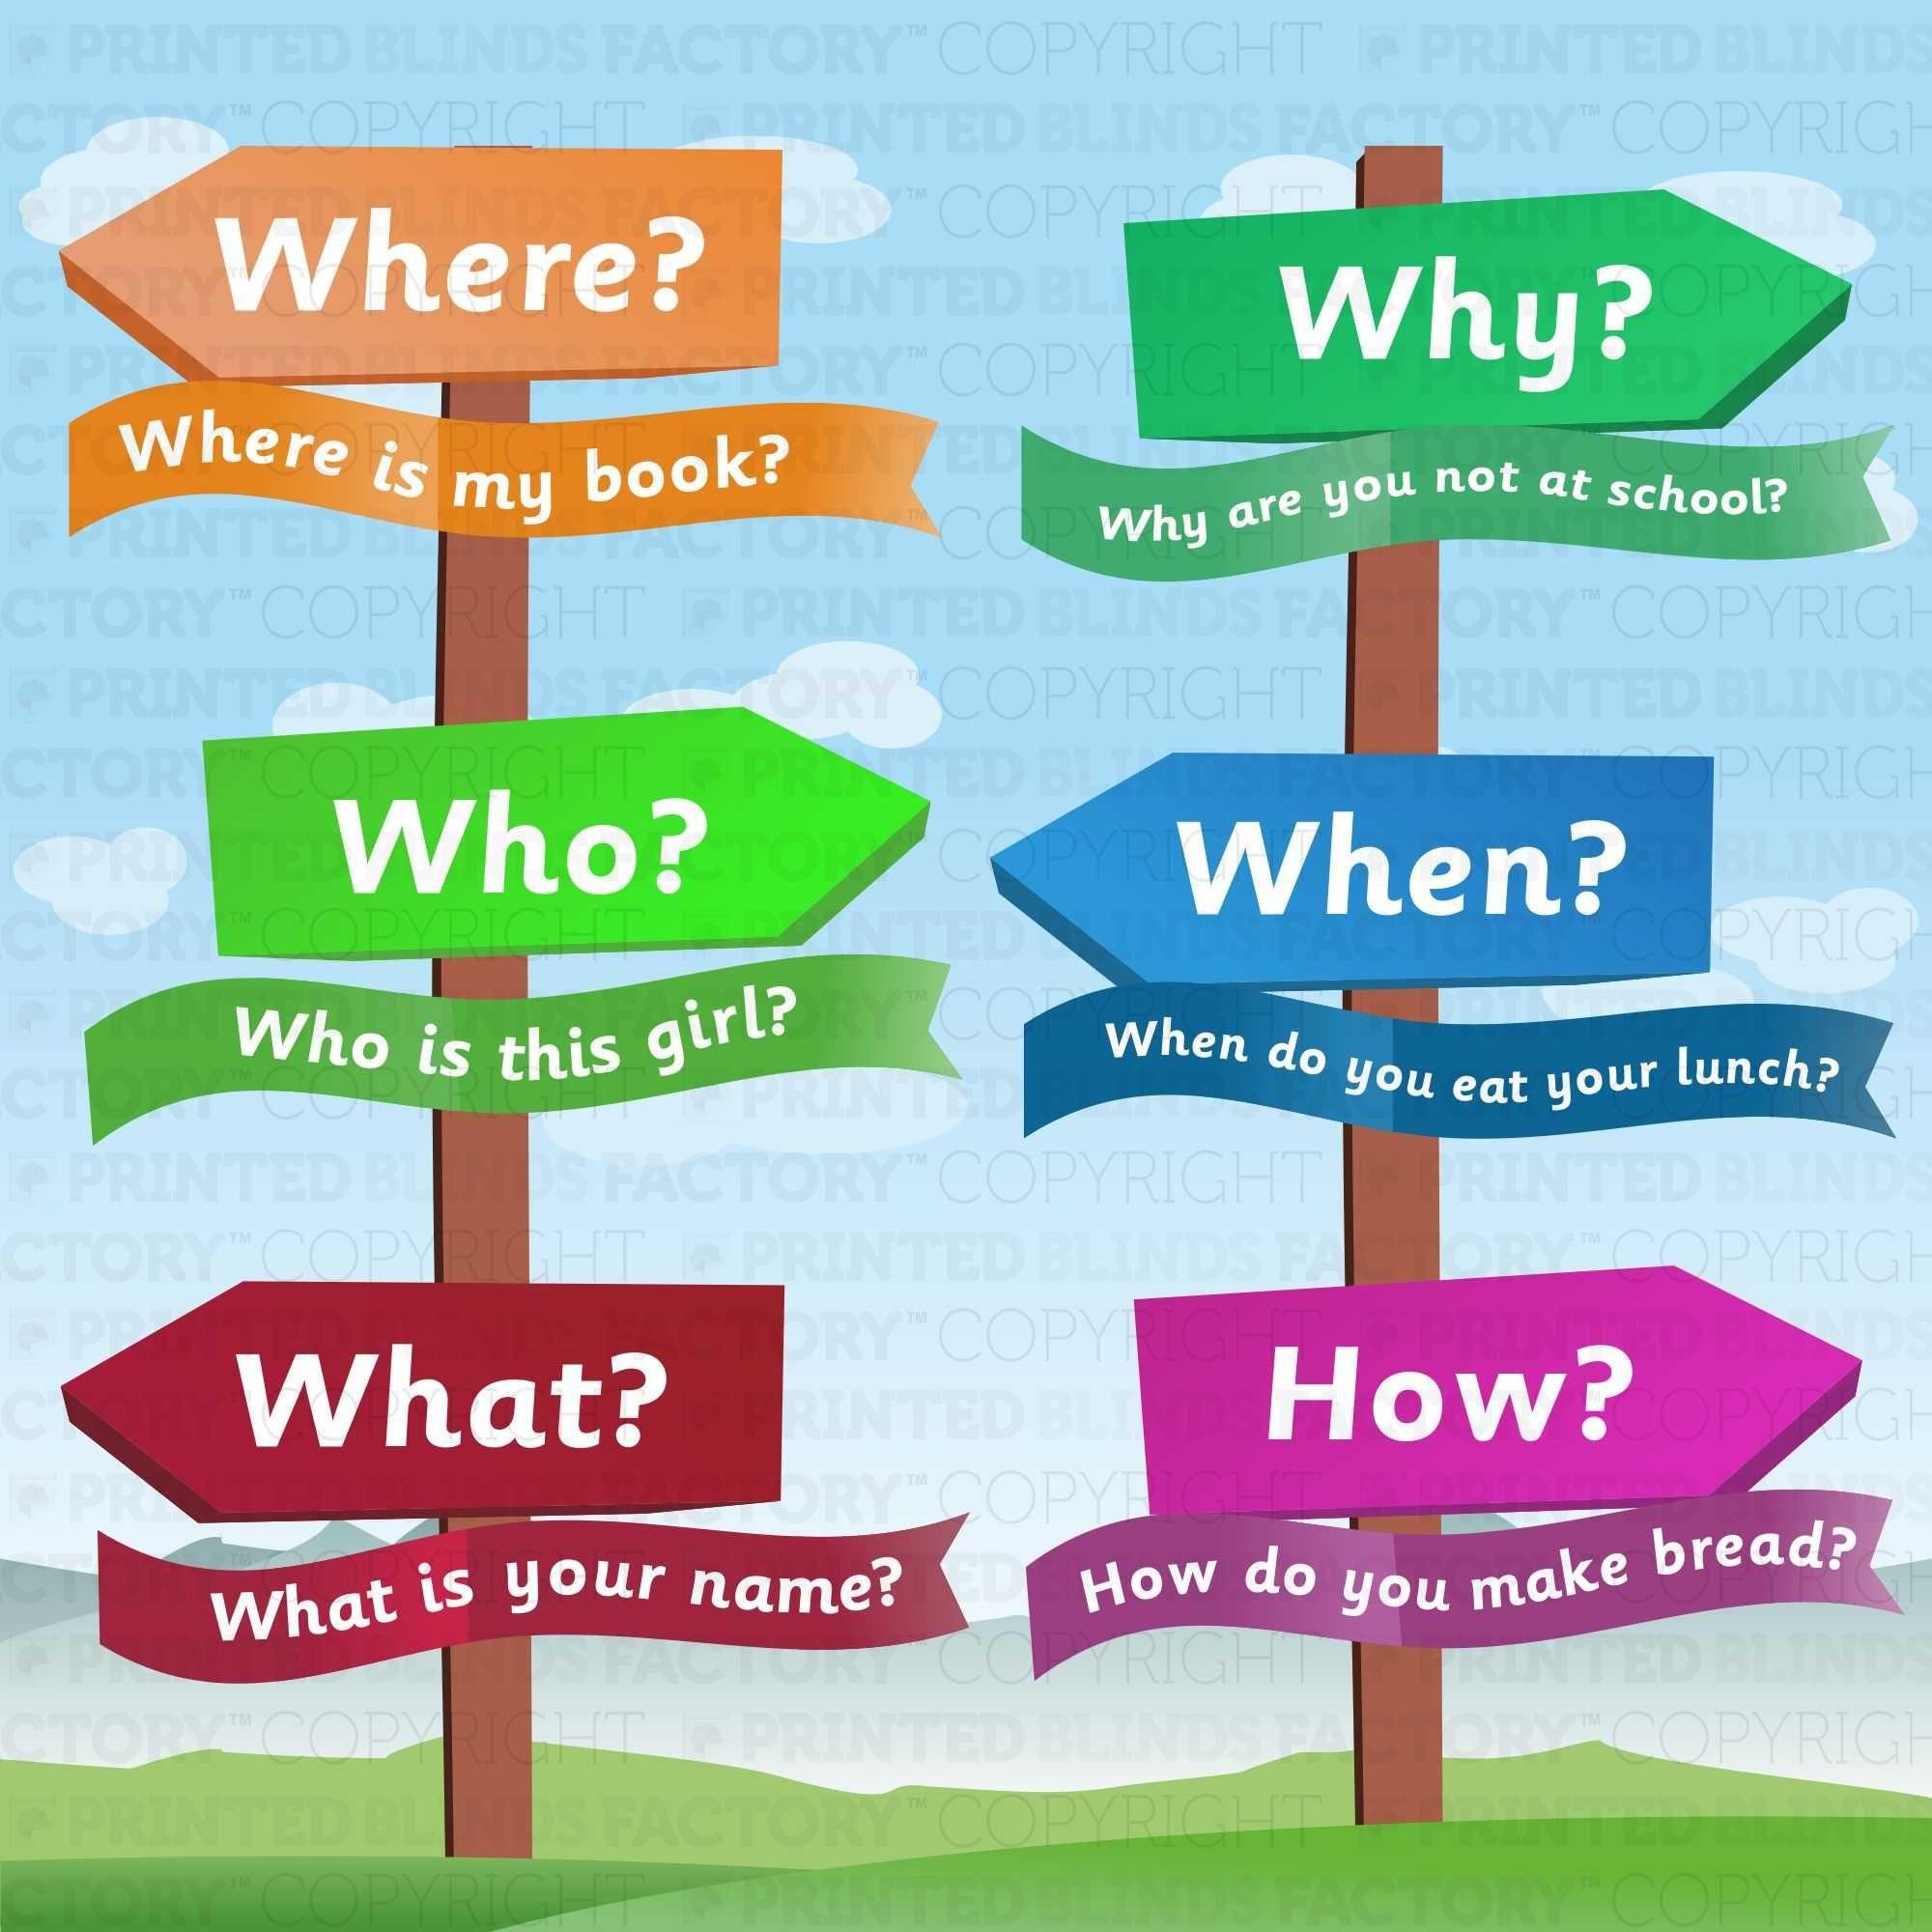 english classroom design ideas Hľadať Googlom